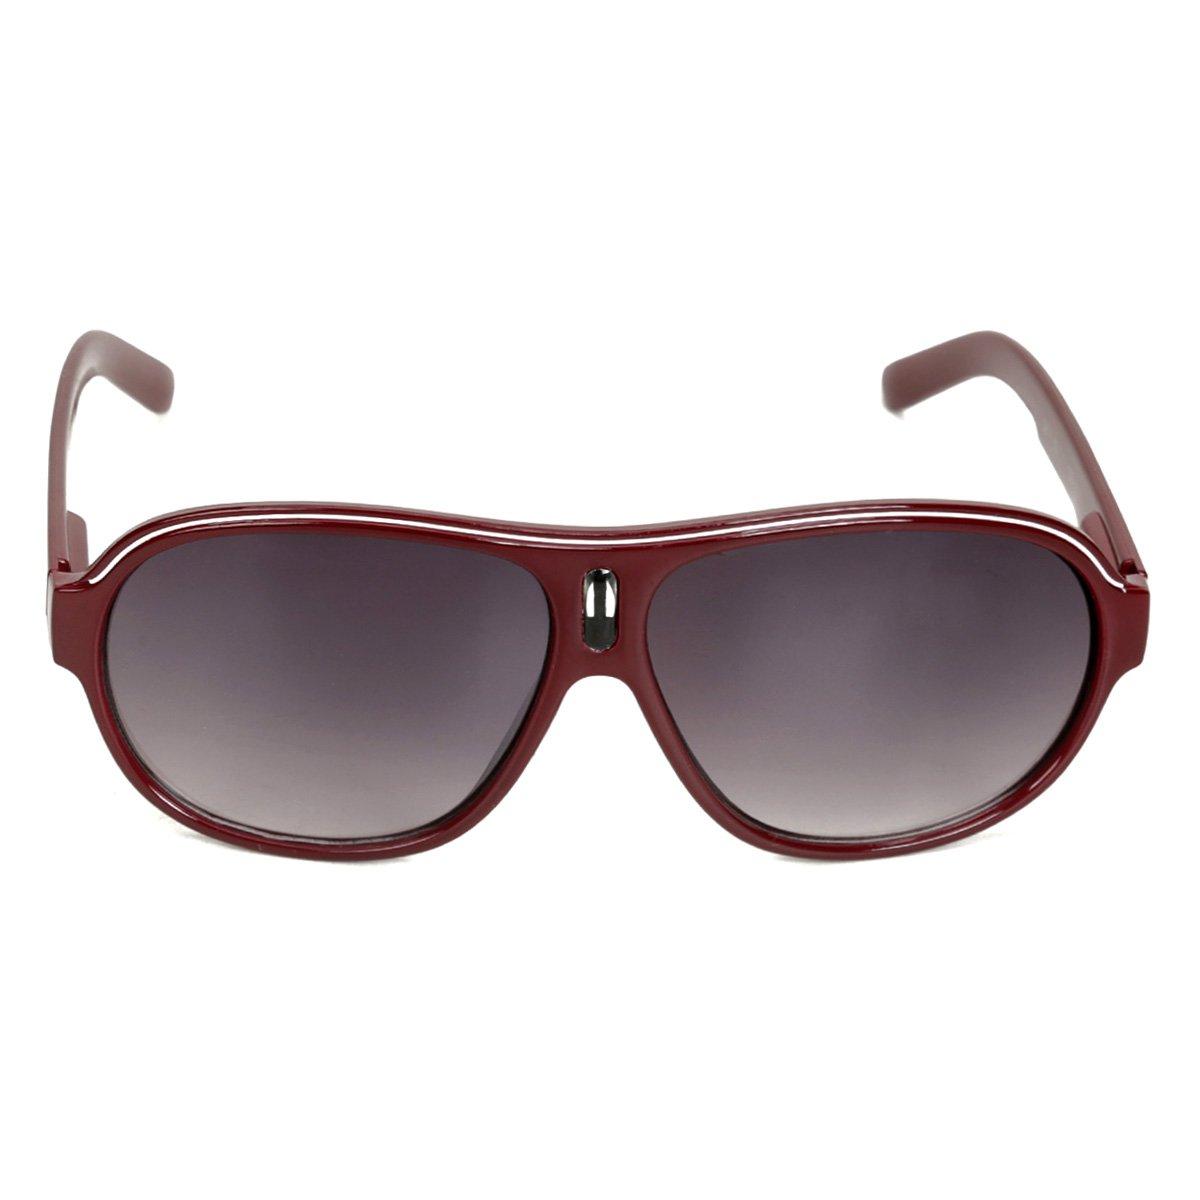 Óculos Moto Gp Pro Aviador One 07 - Compre Agora   Netshoes 821f5f8f15